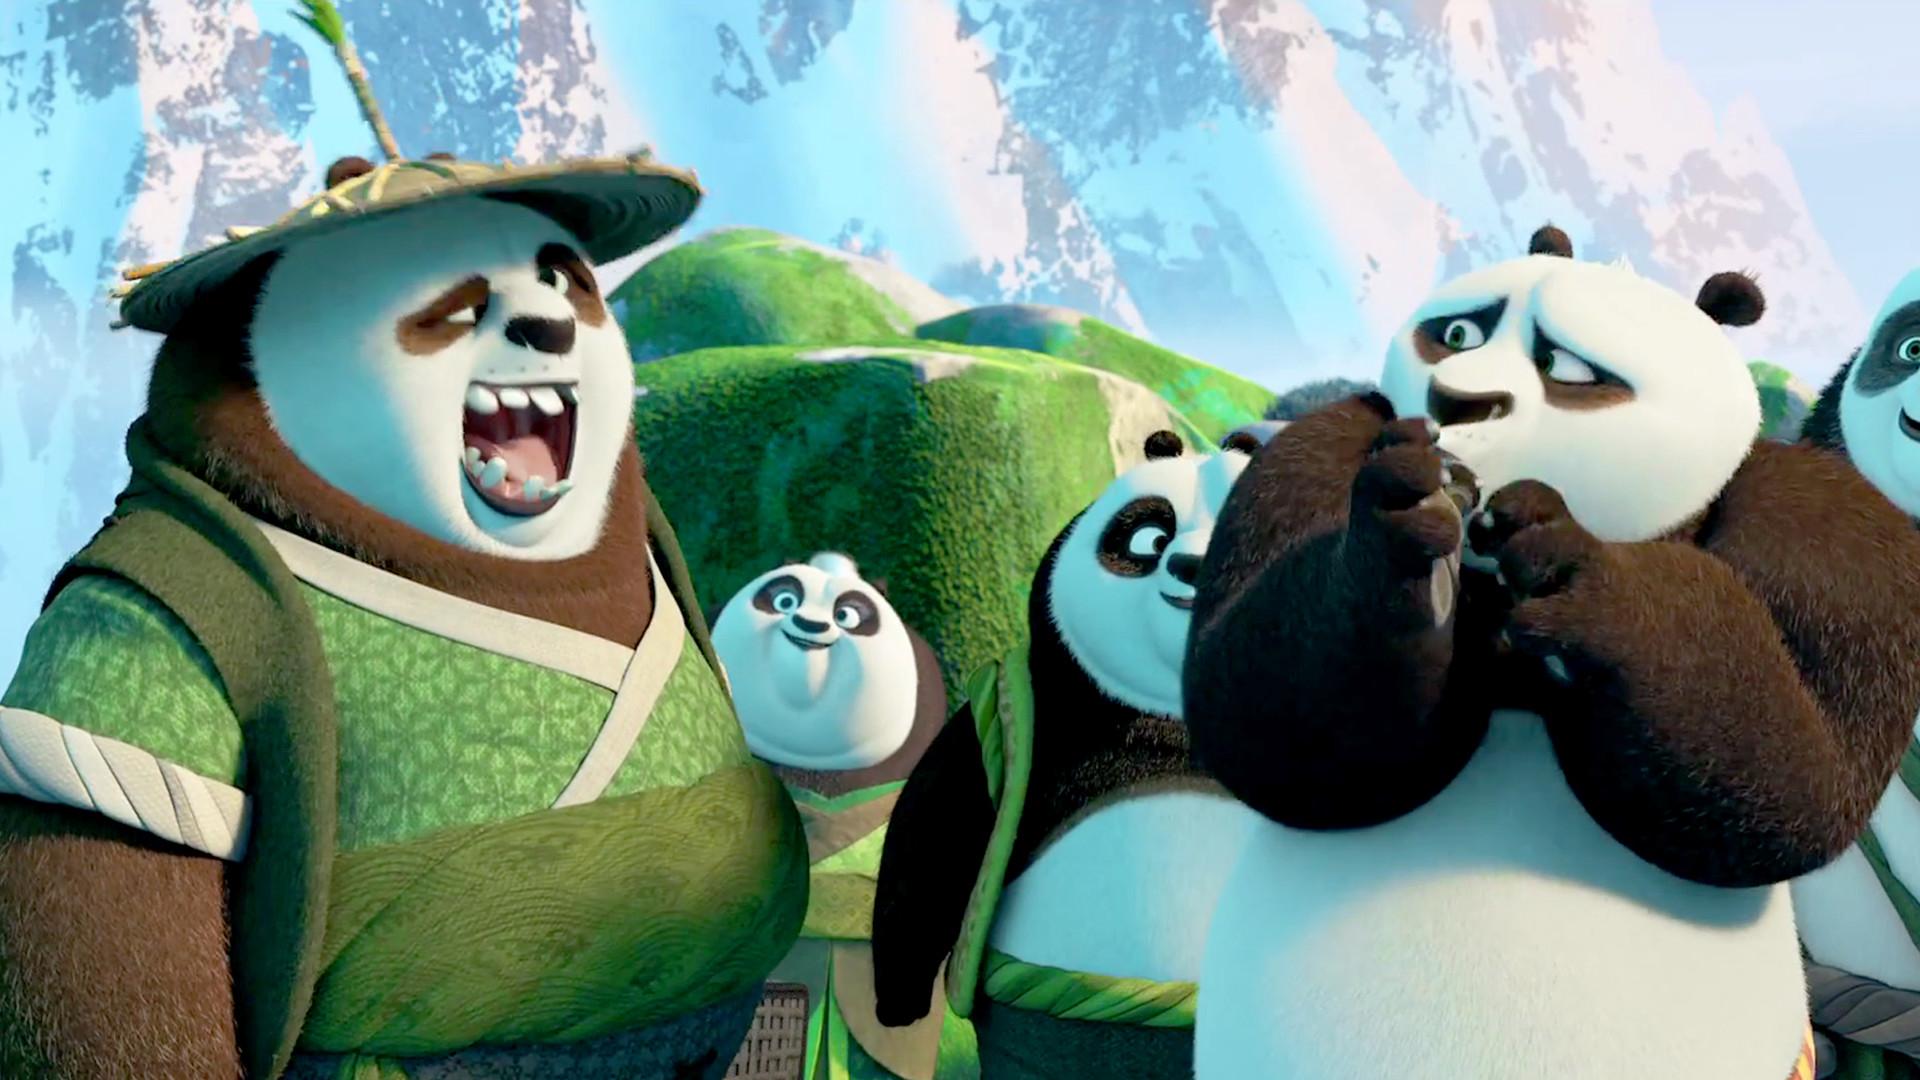 мной кунг фу панда картинки высокого качества насыщенный зеленый цвет